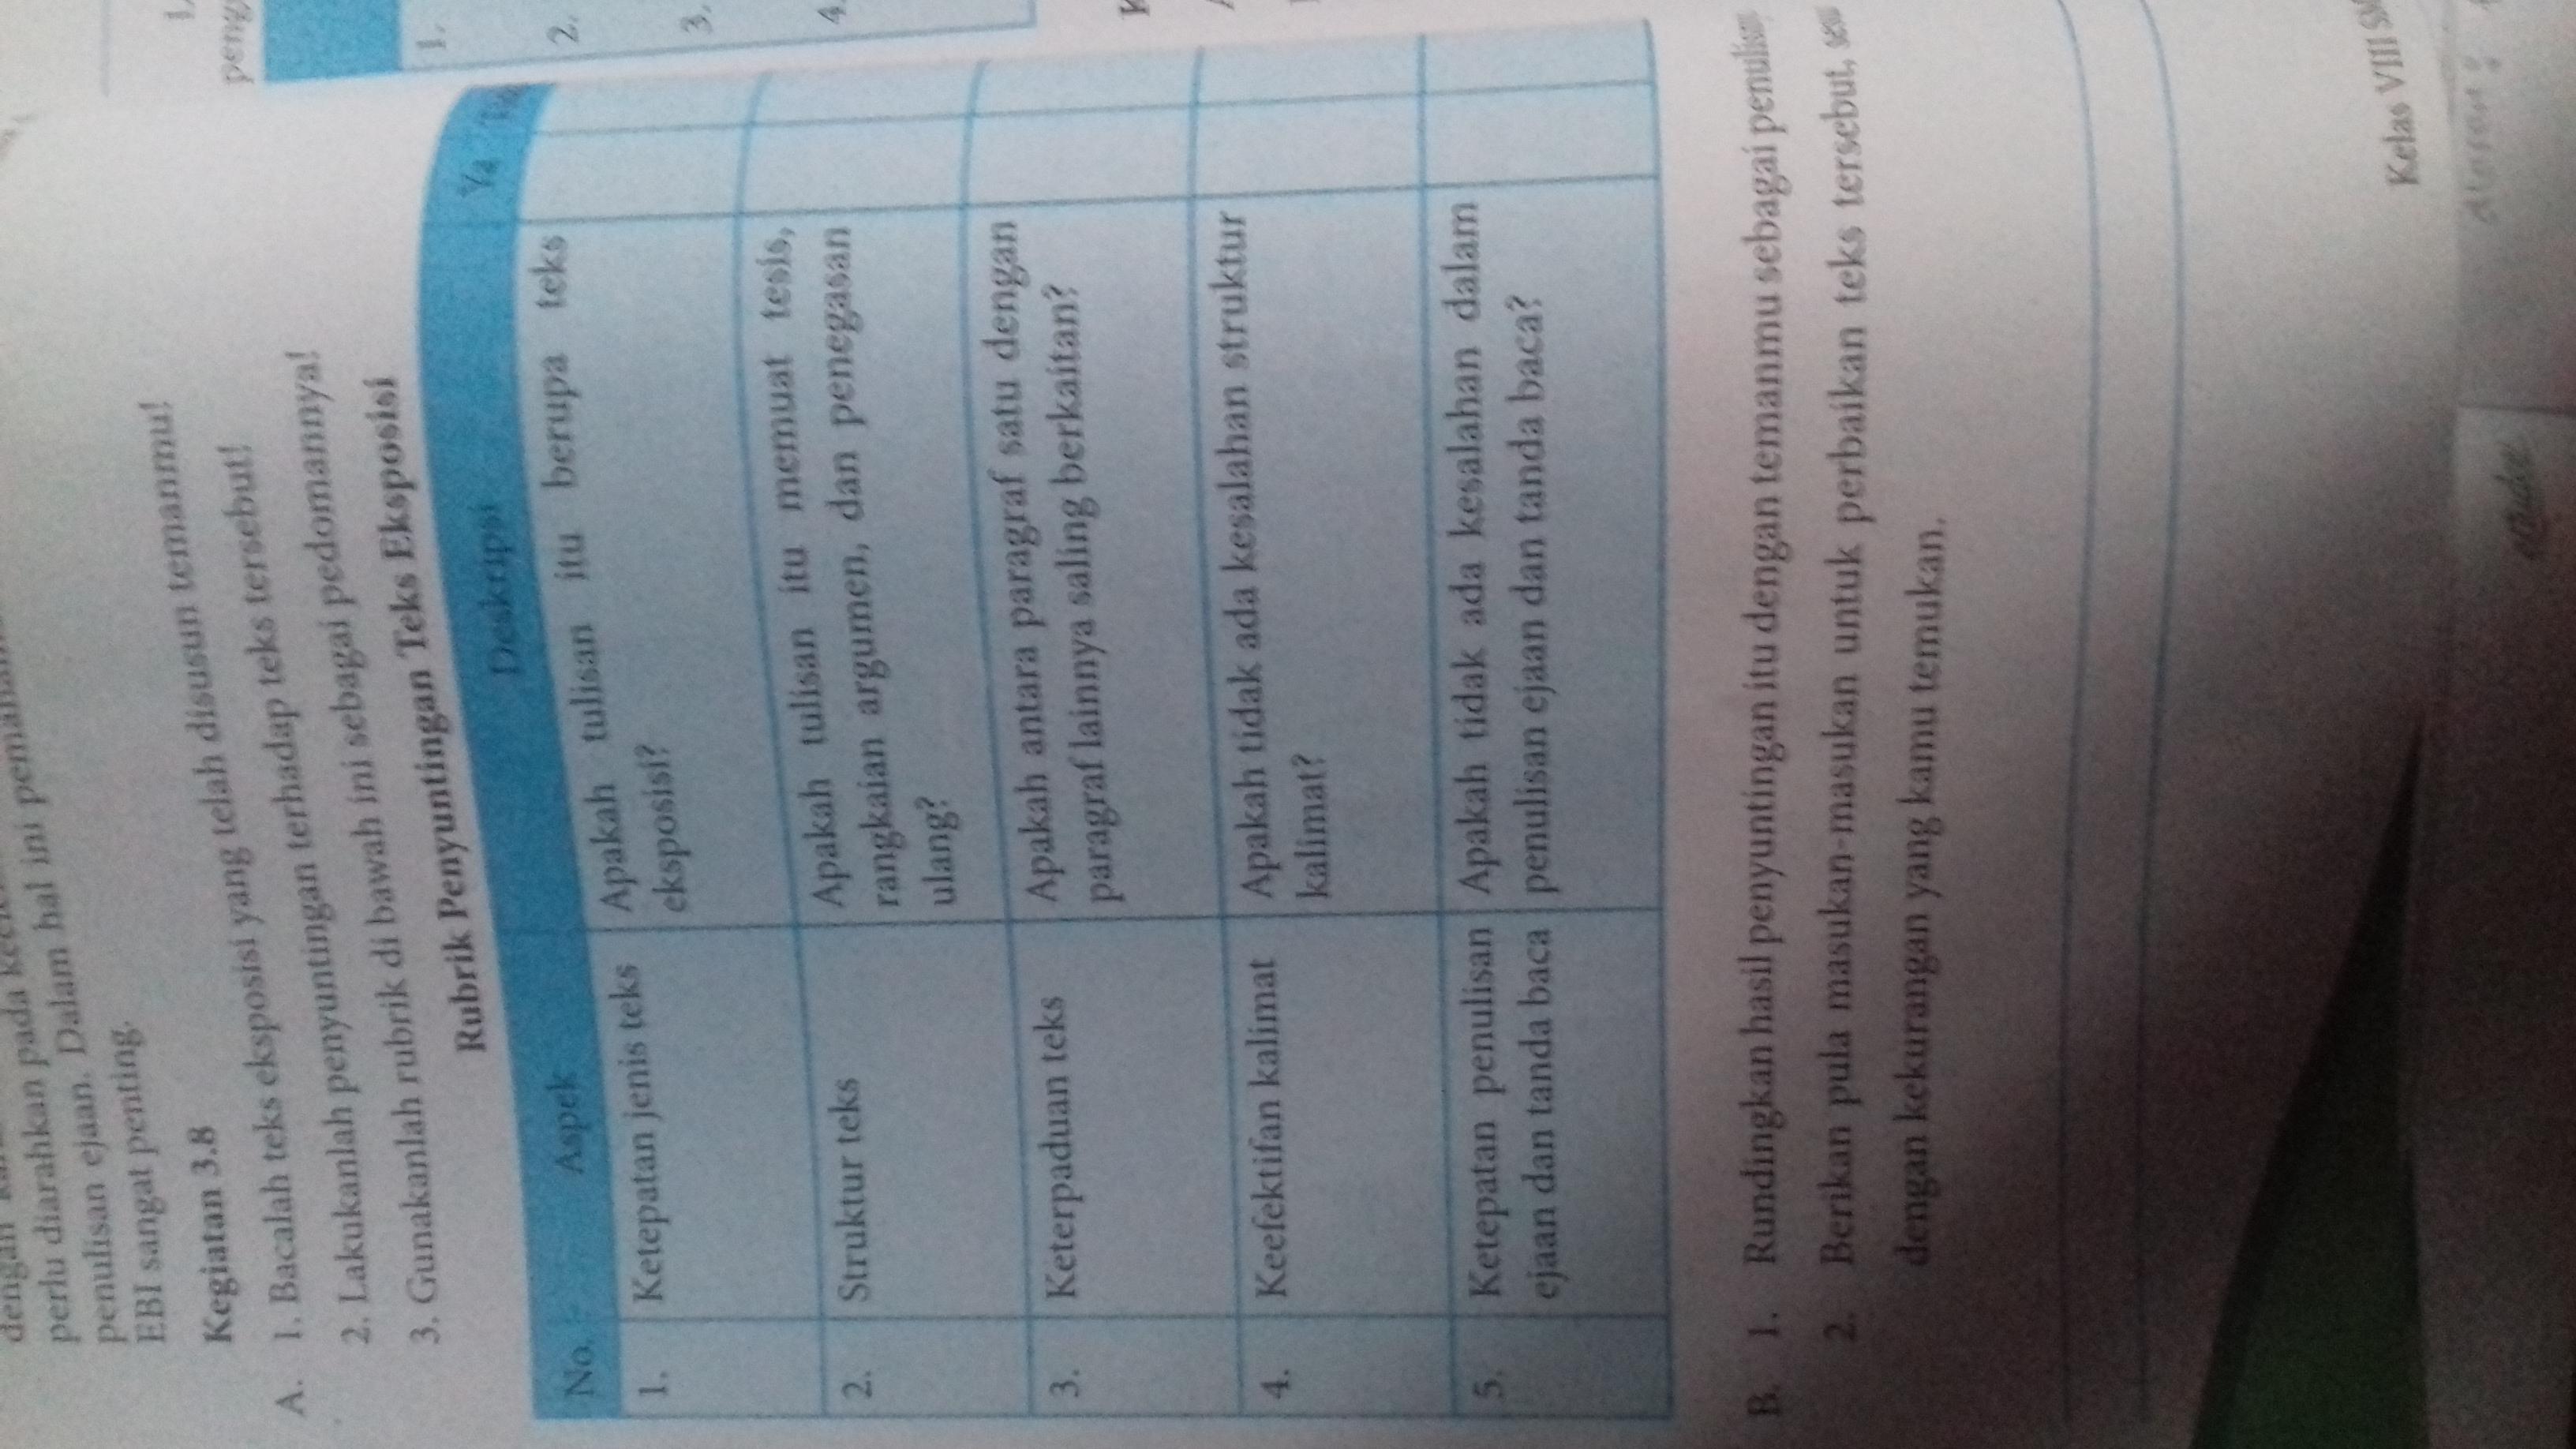 Tolong Bantu Jawab, Kegiatan 3.8 Bahasa Indonesia Kelas 8 ...